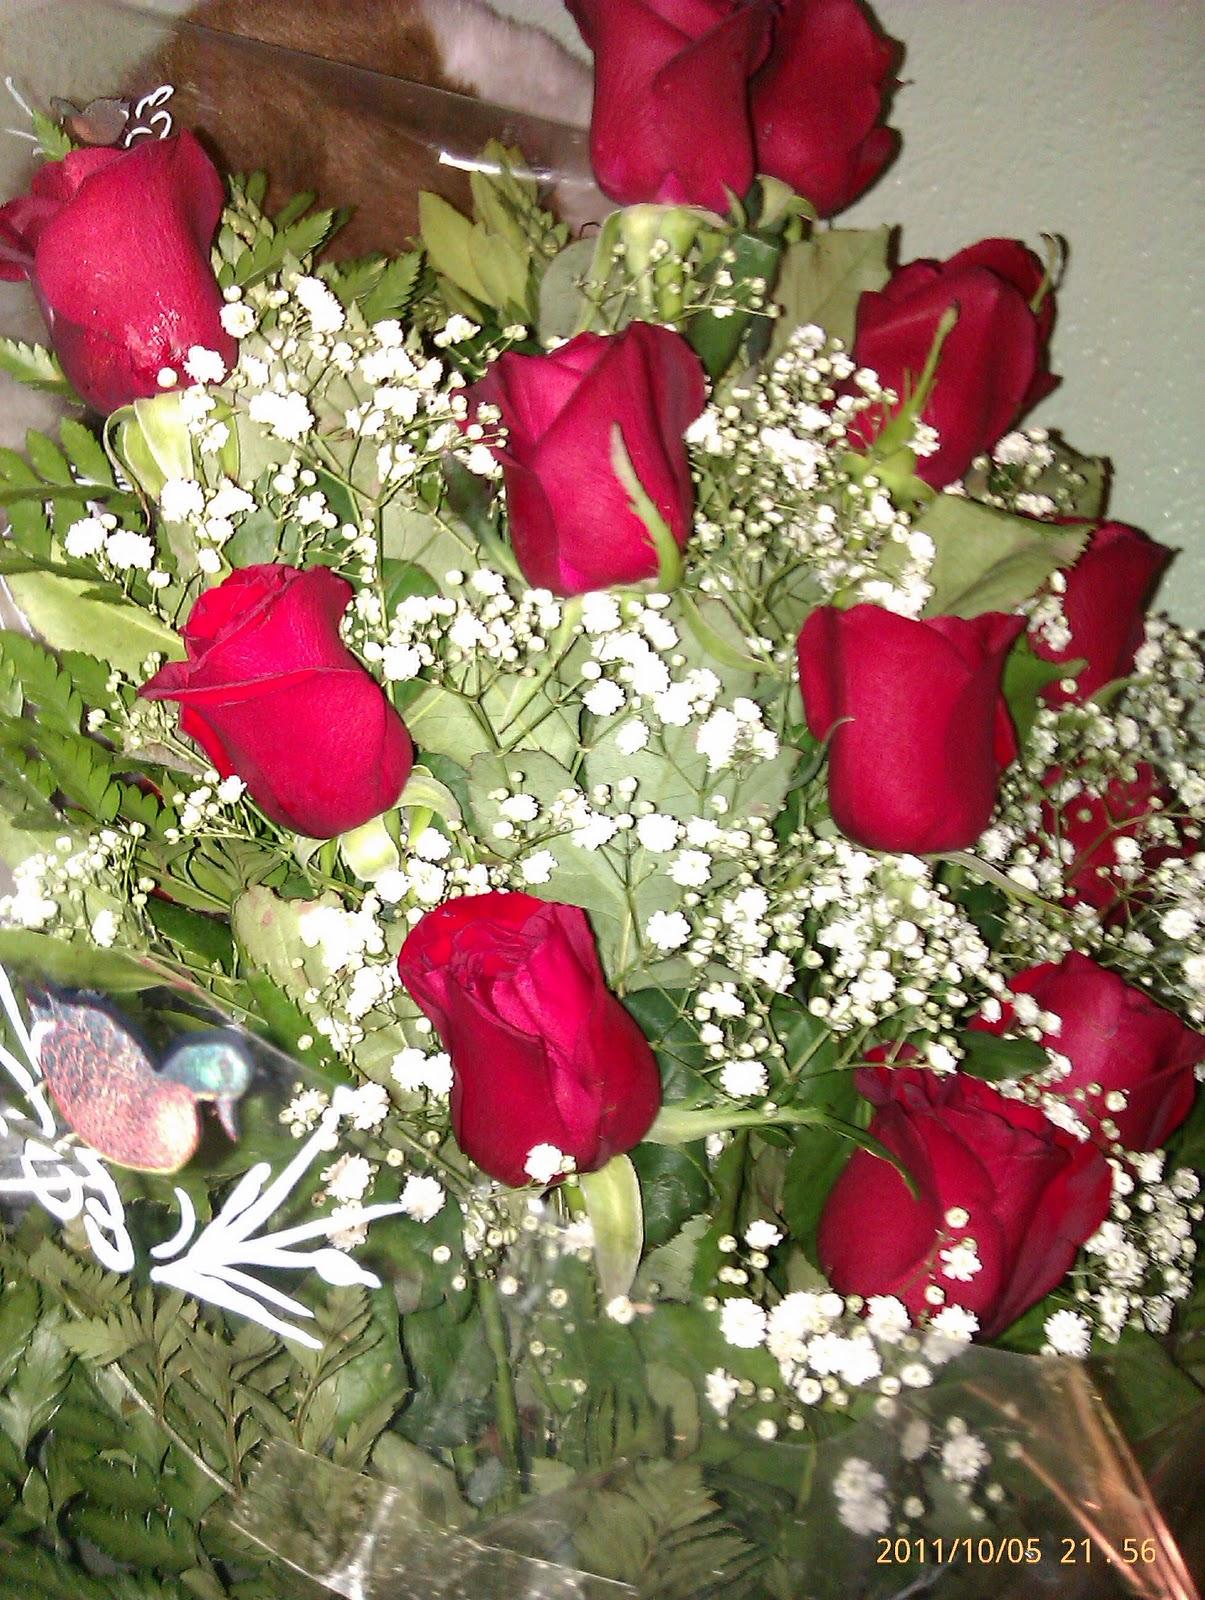 Encantador Uñas Y Flores Elaboración - Ideas Para Esmaltes - aroson.com